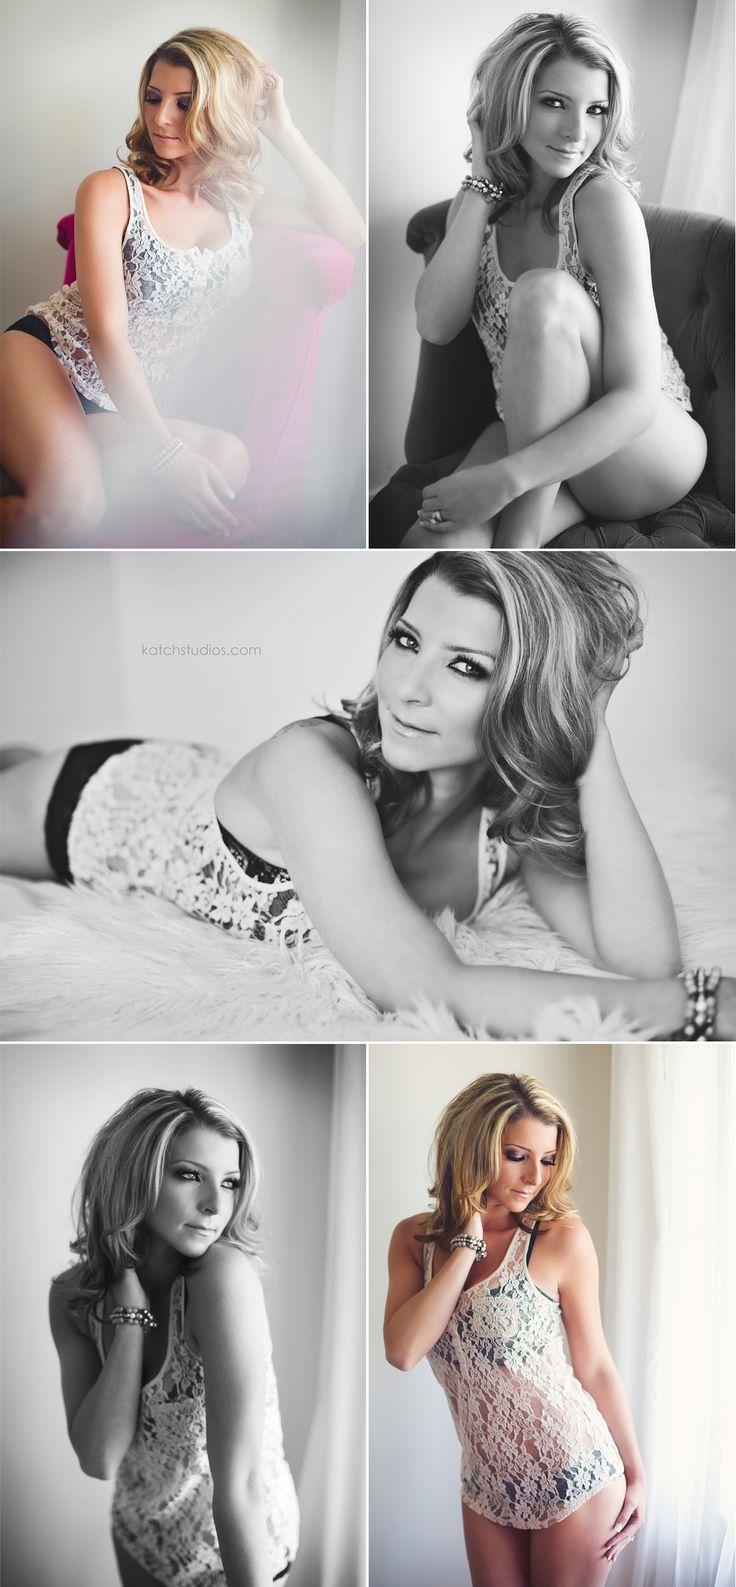 holly  |  edmonton boudoir photographer